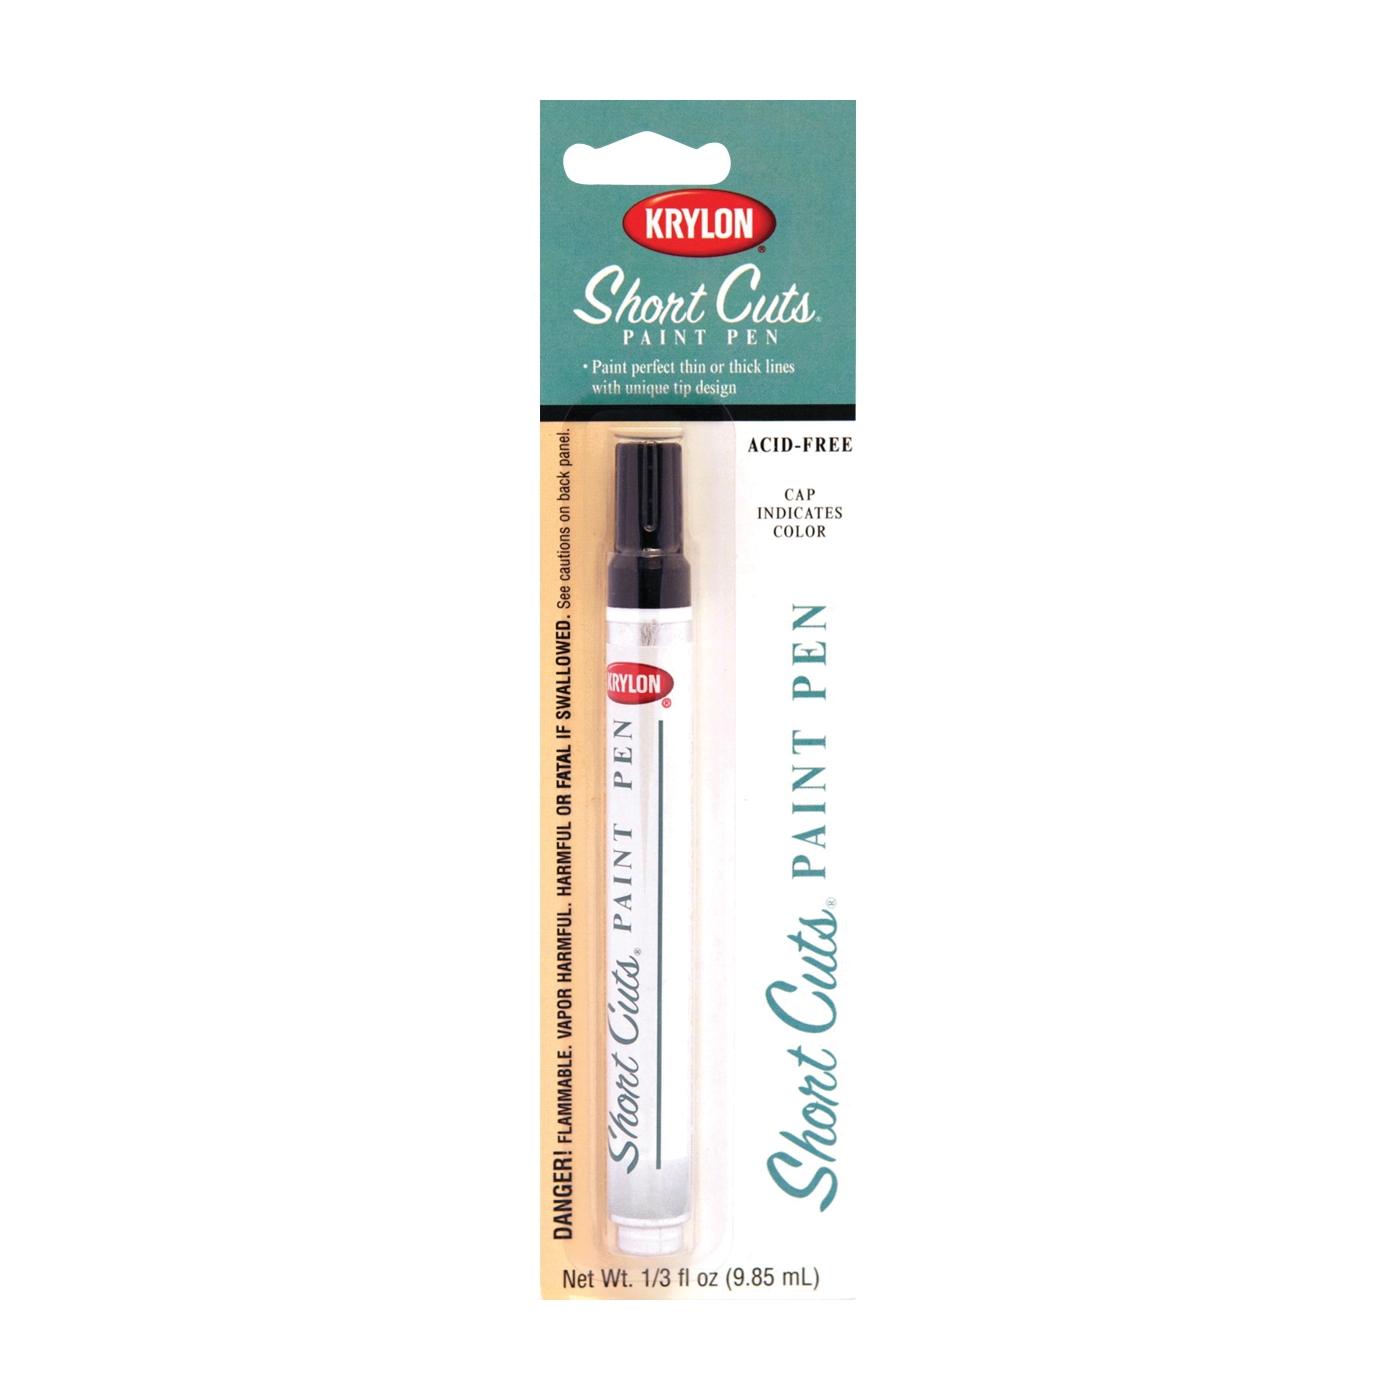 Picture of Krylon Short Cuts KSCP914 Paint Pen, Chisel Tip, Black